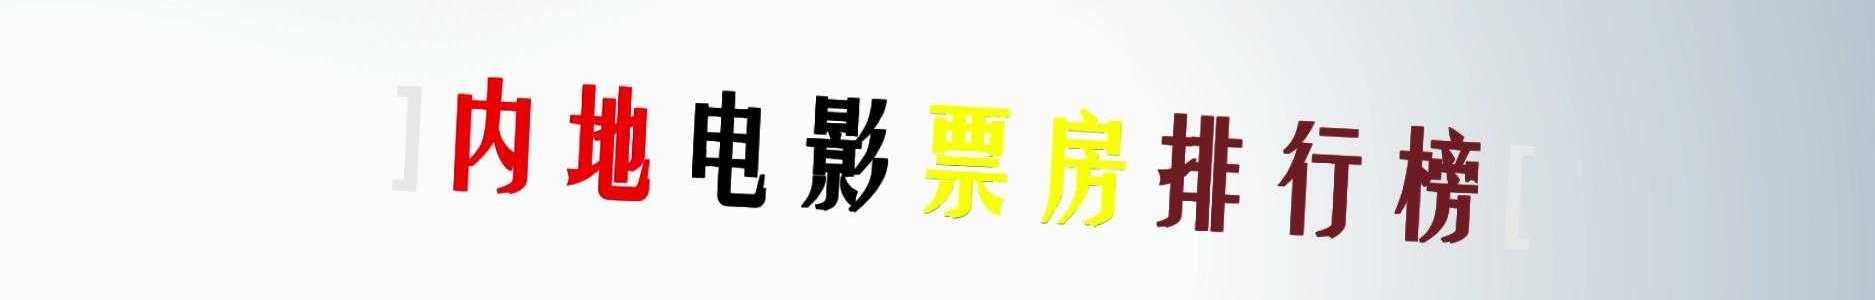 洪荣影视 banner